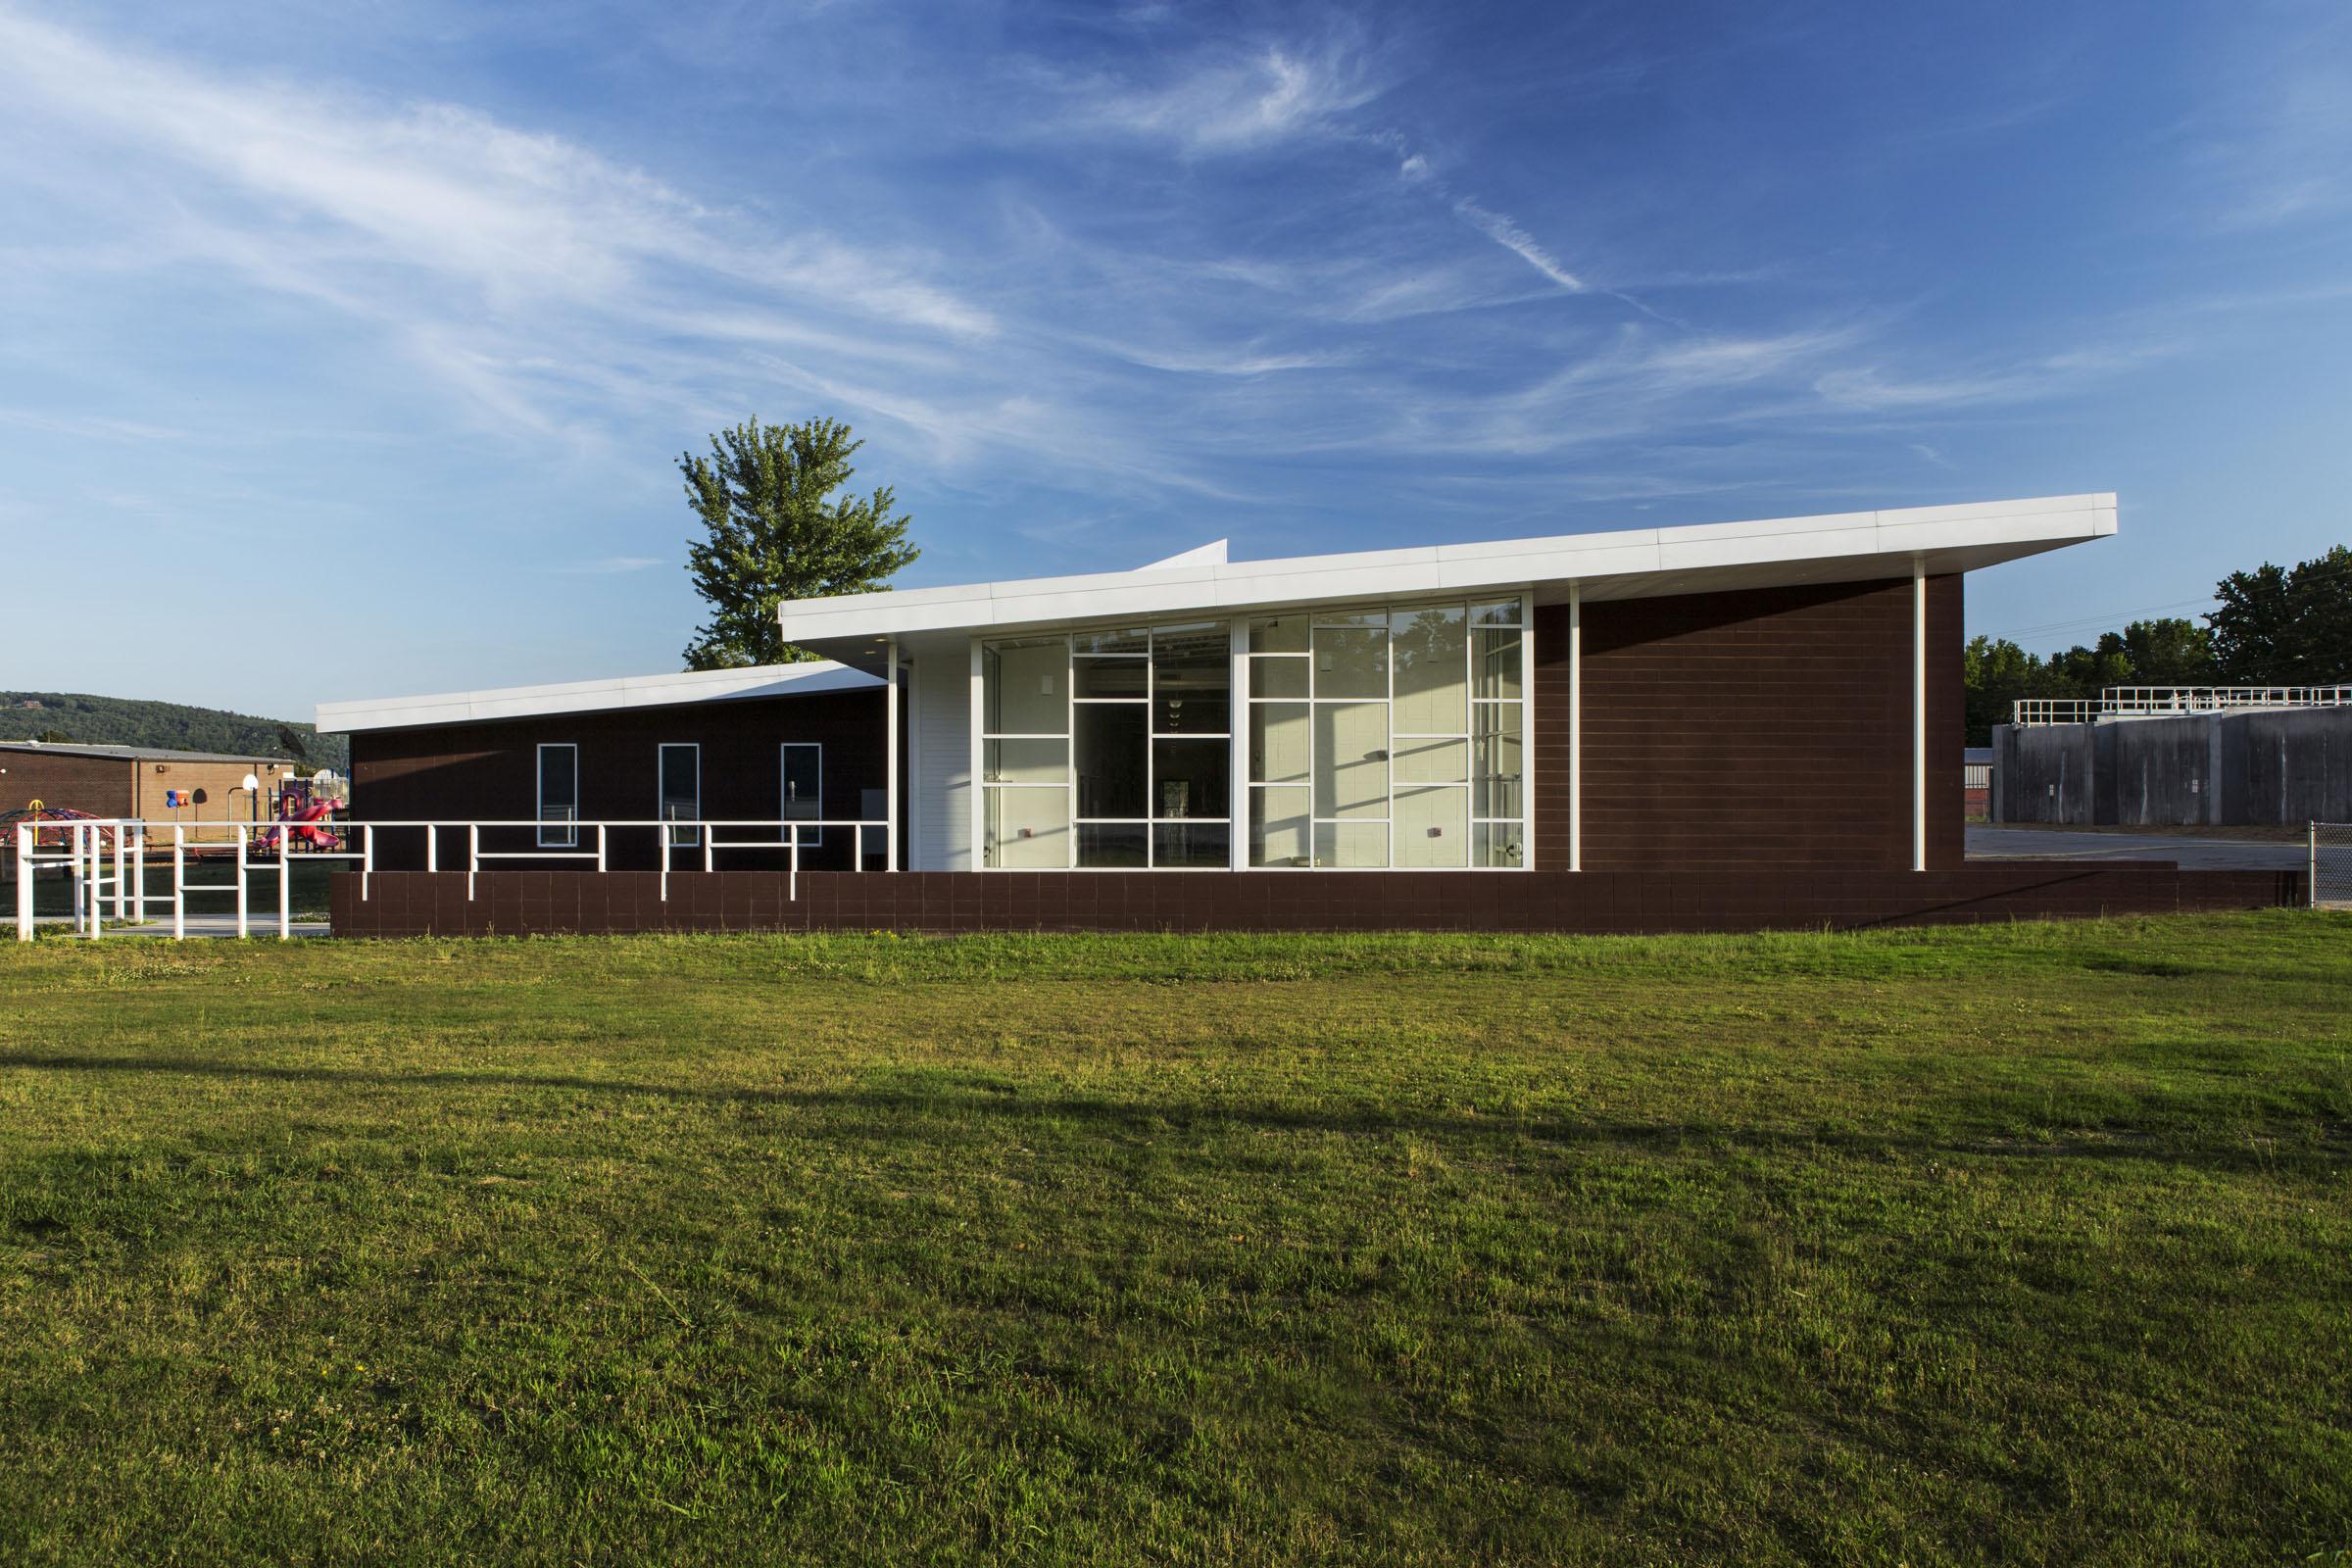 Heber Springs Elementary School